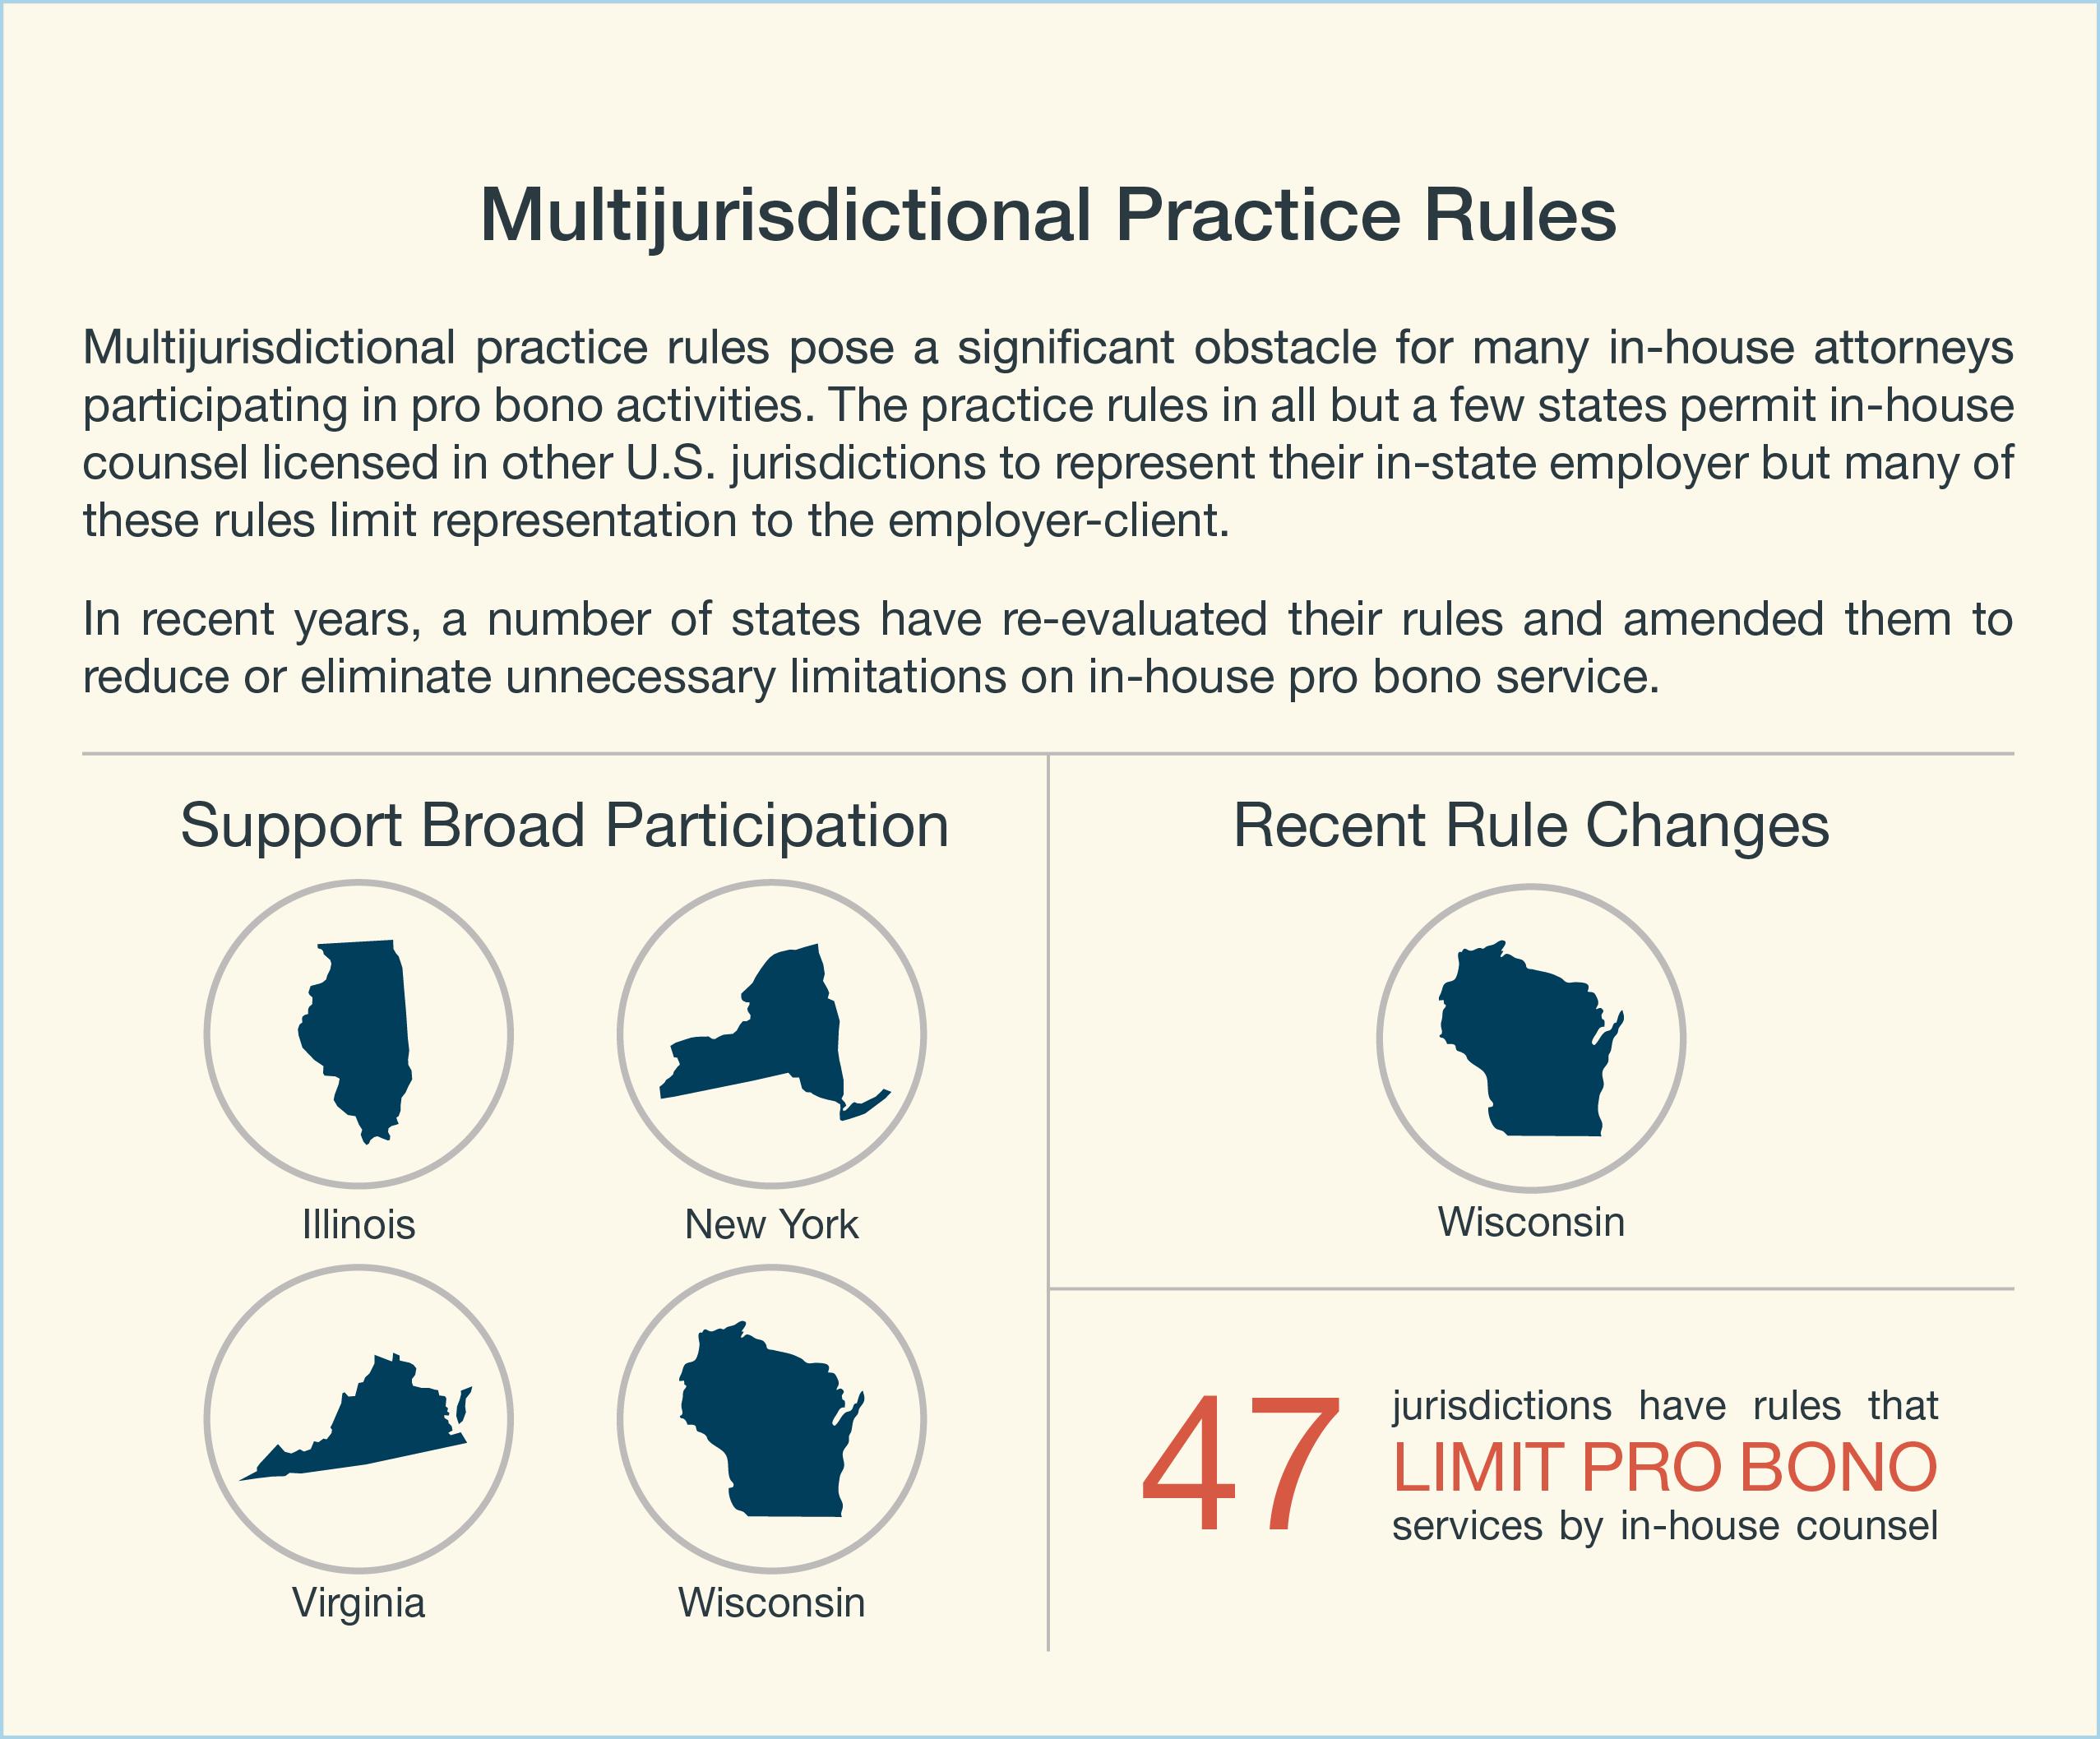 Multijurisdictional Practice Rules Map